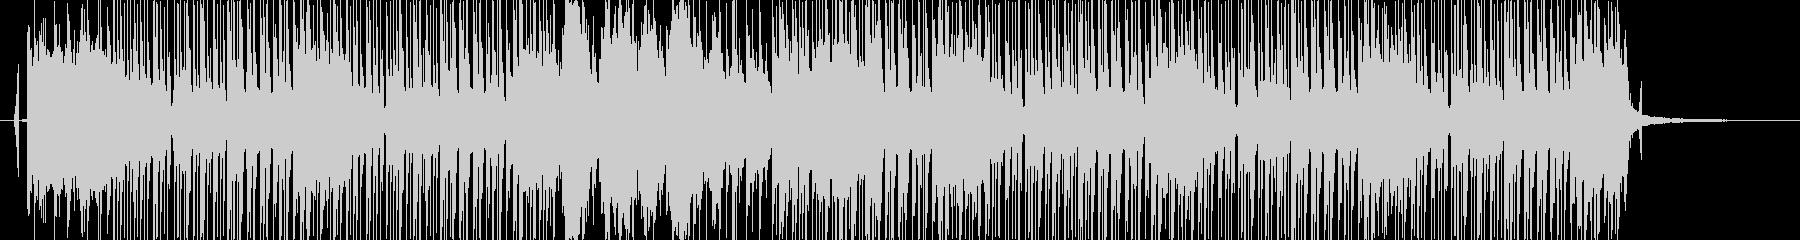 和風で速いテンポの曲の未再生の波形